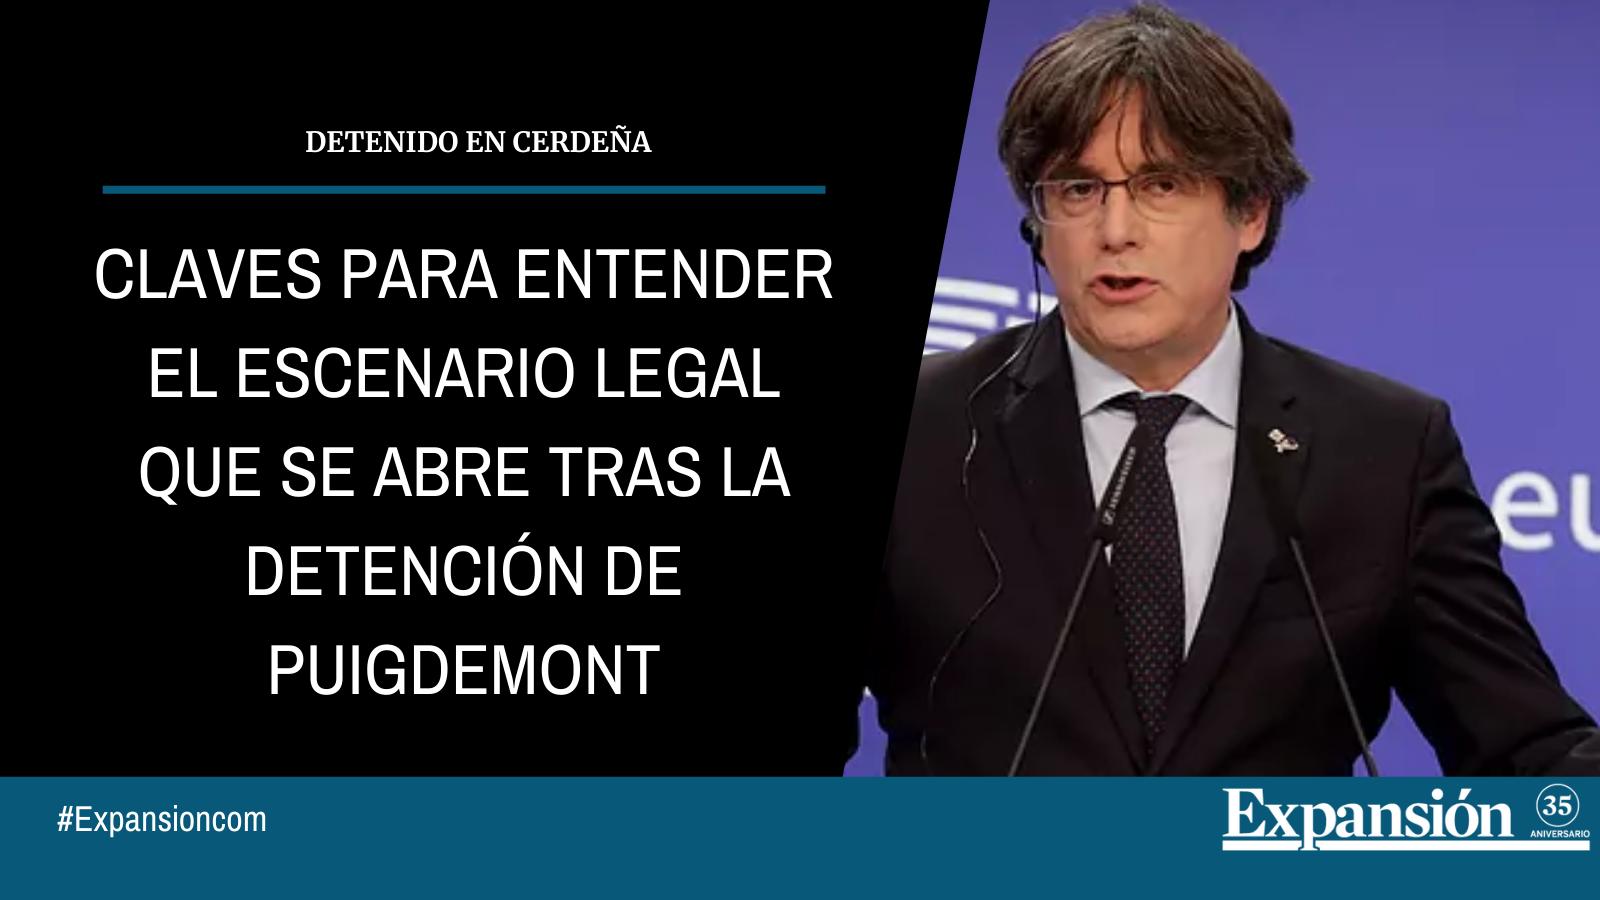 Puigdemont pone en la encrucijada a la justicia europea